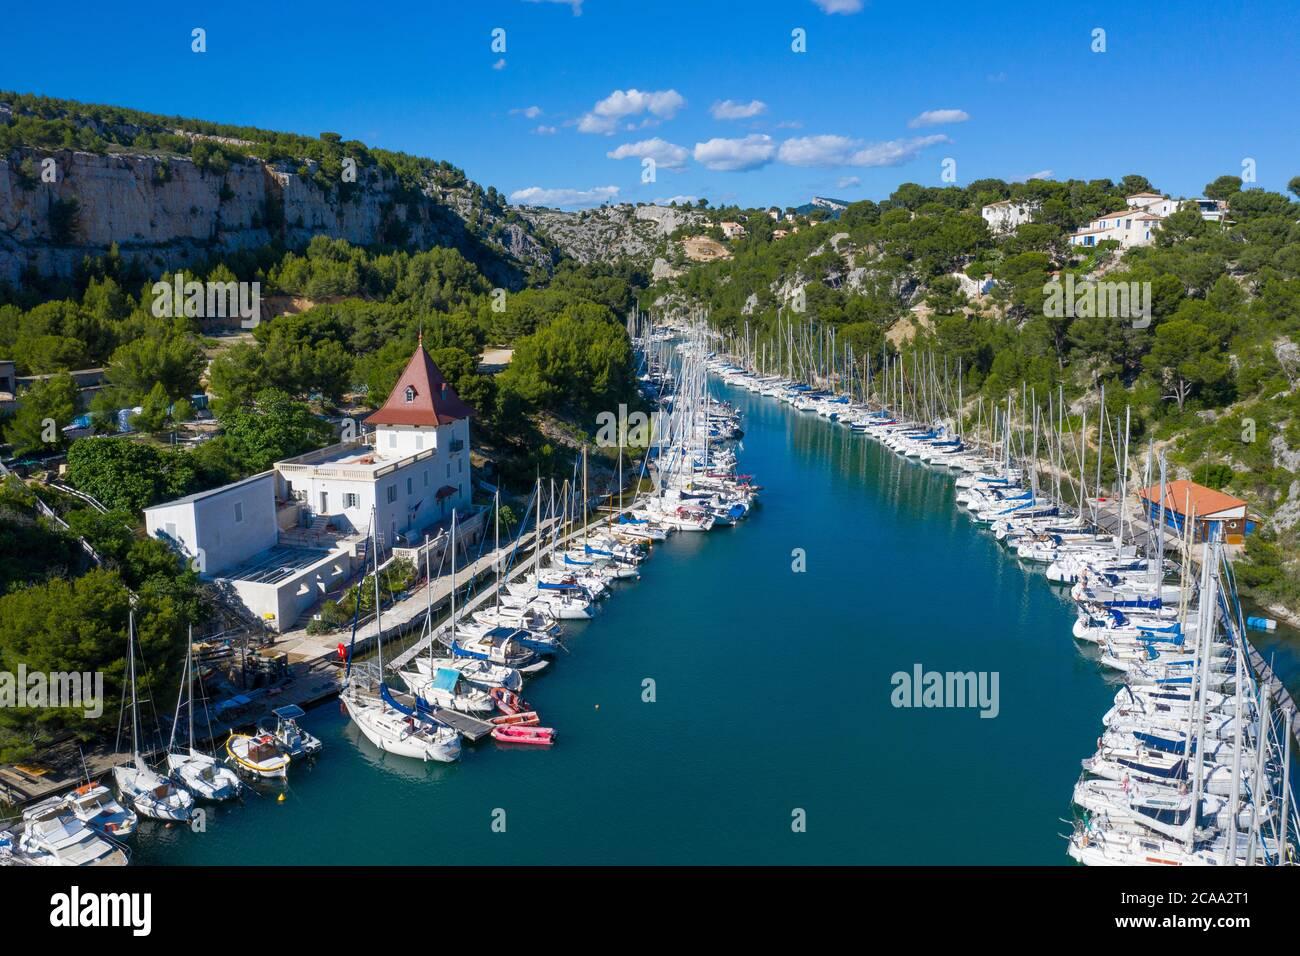 Vista aerea del parco nazionale di Calanques vicino al villaggio di pescatori di Cassis. Piccolo porto 'Port Miou' Foto Stock